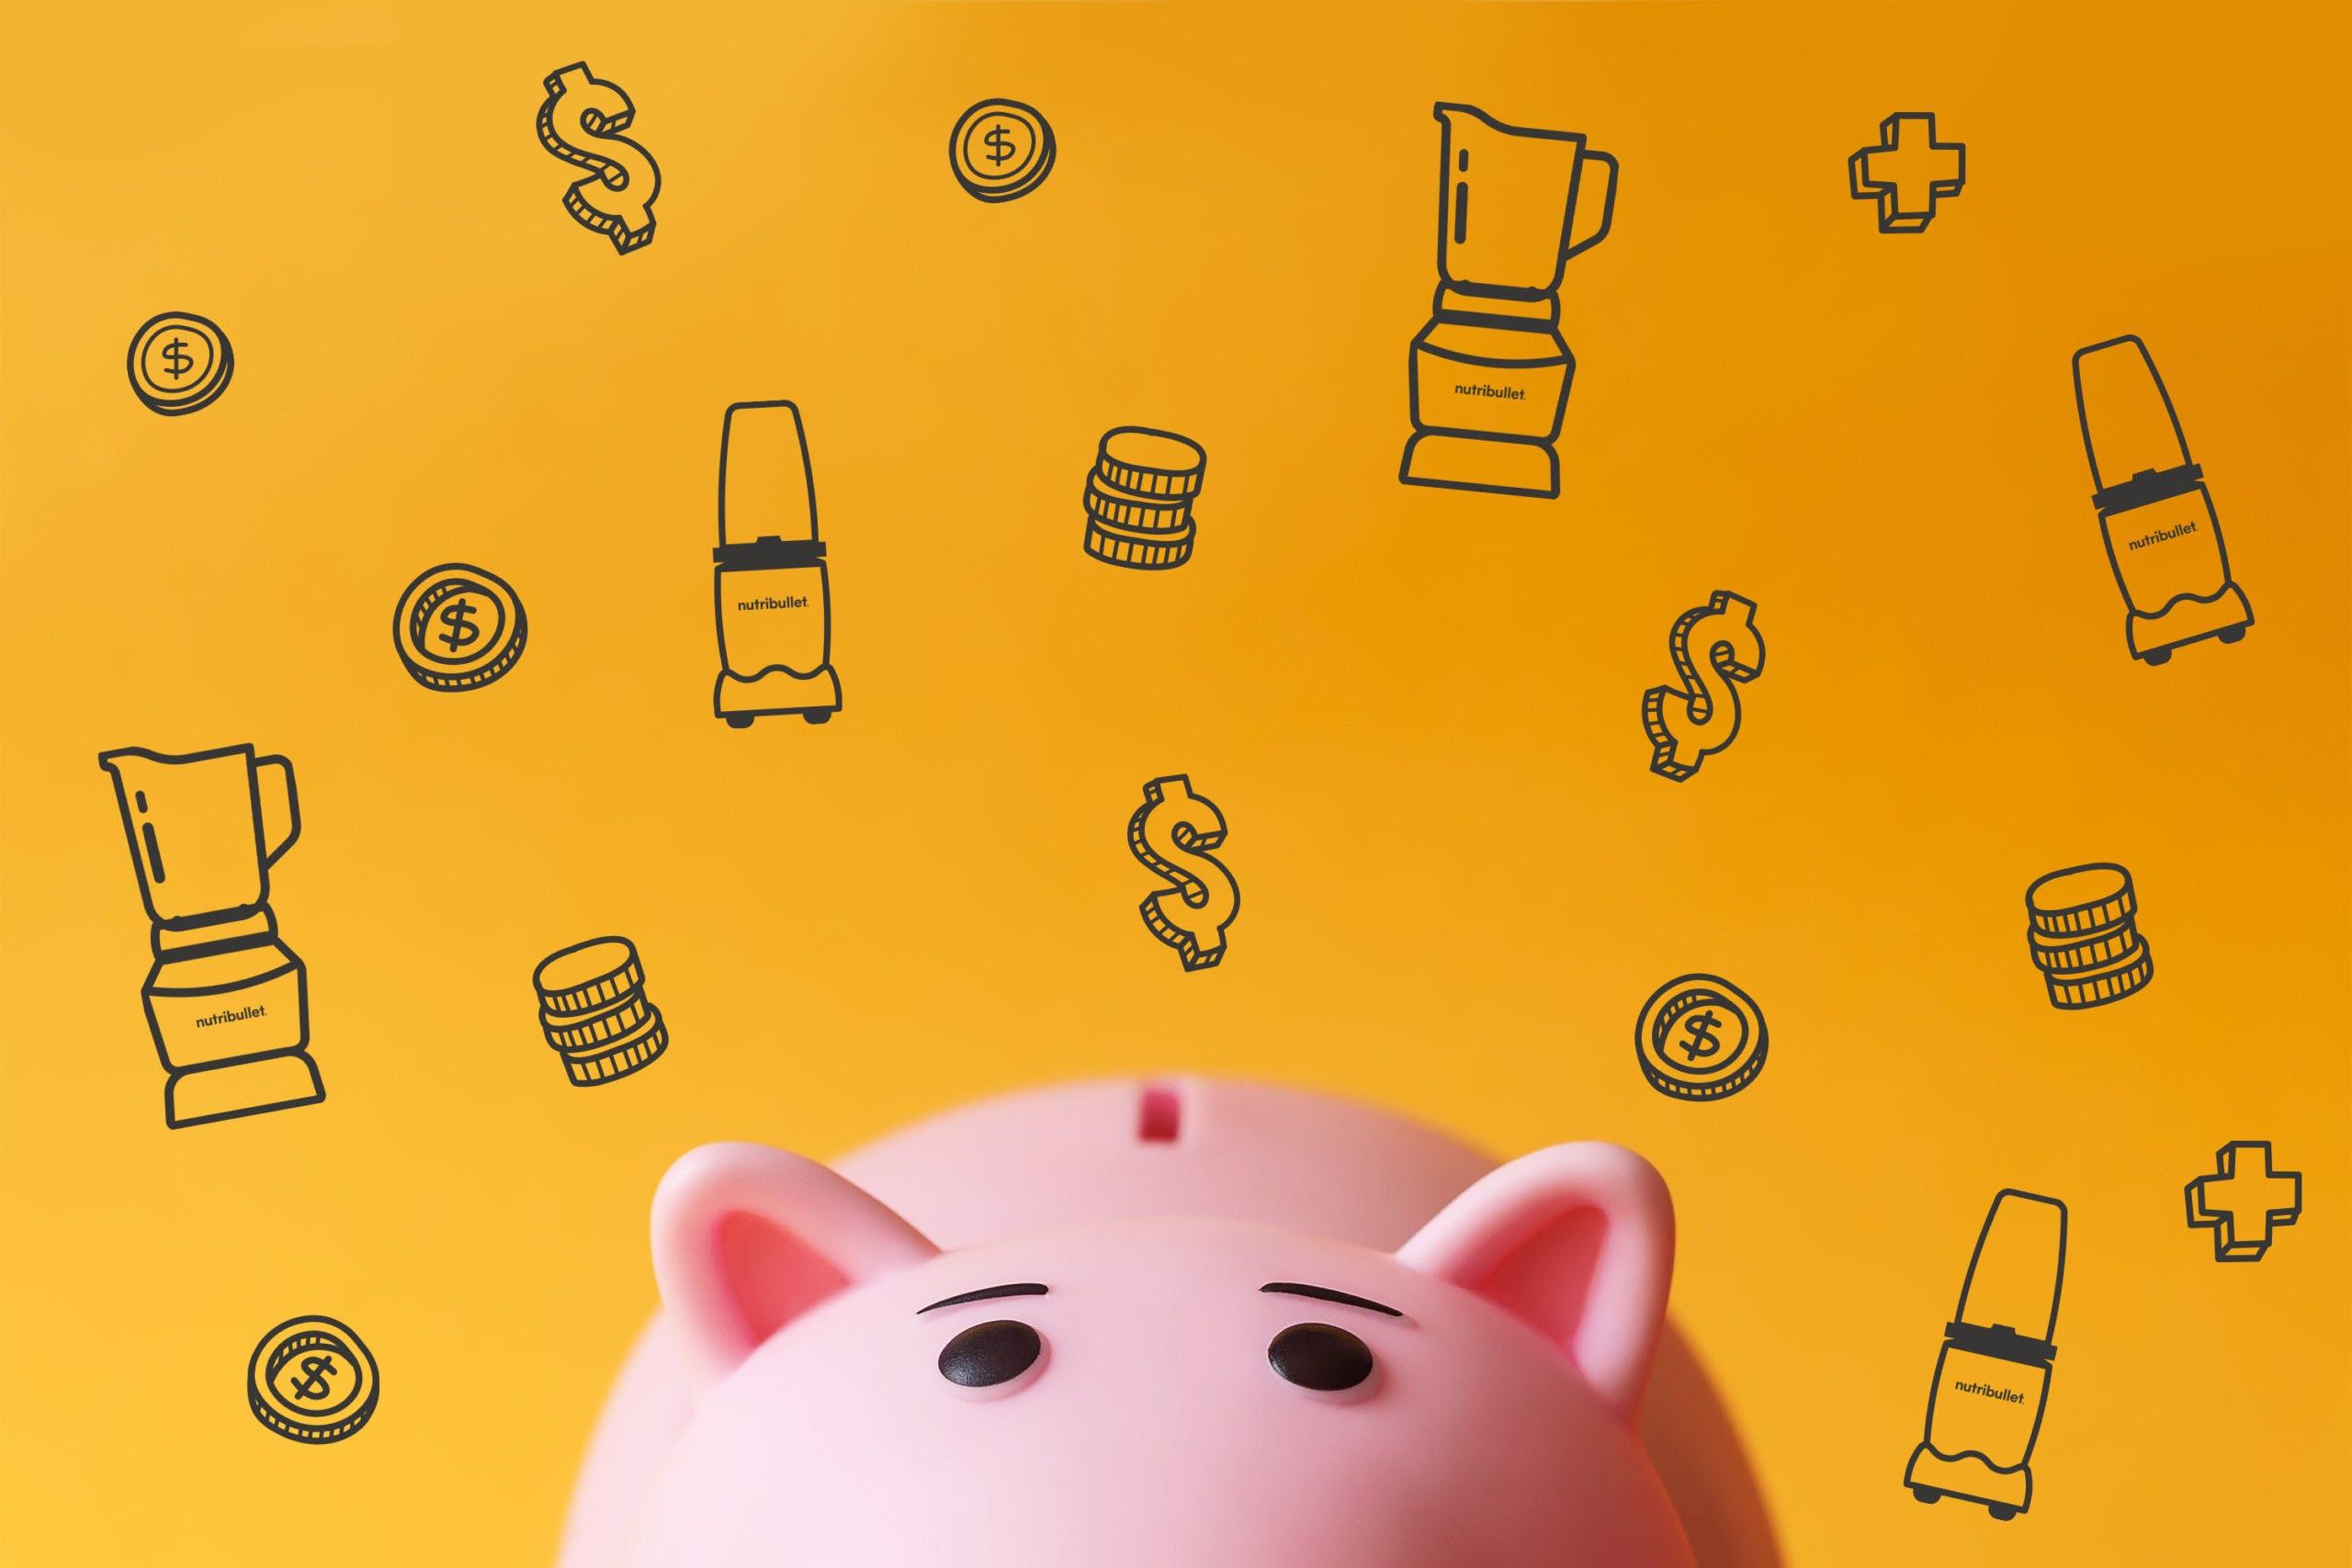 Money-Saving Tips with the NutriBullet Blender